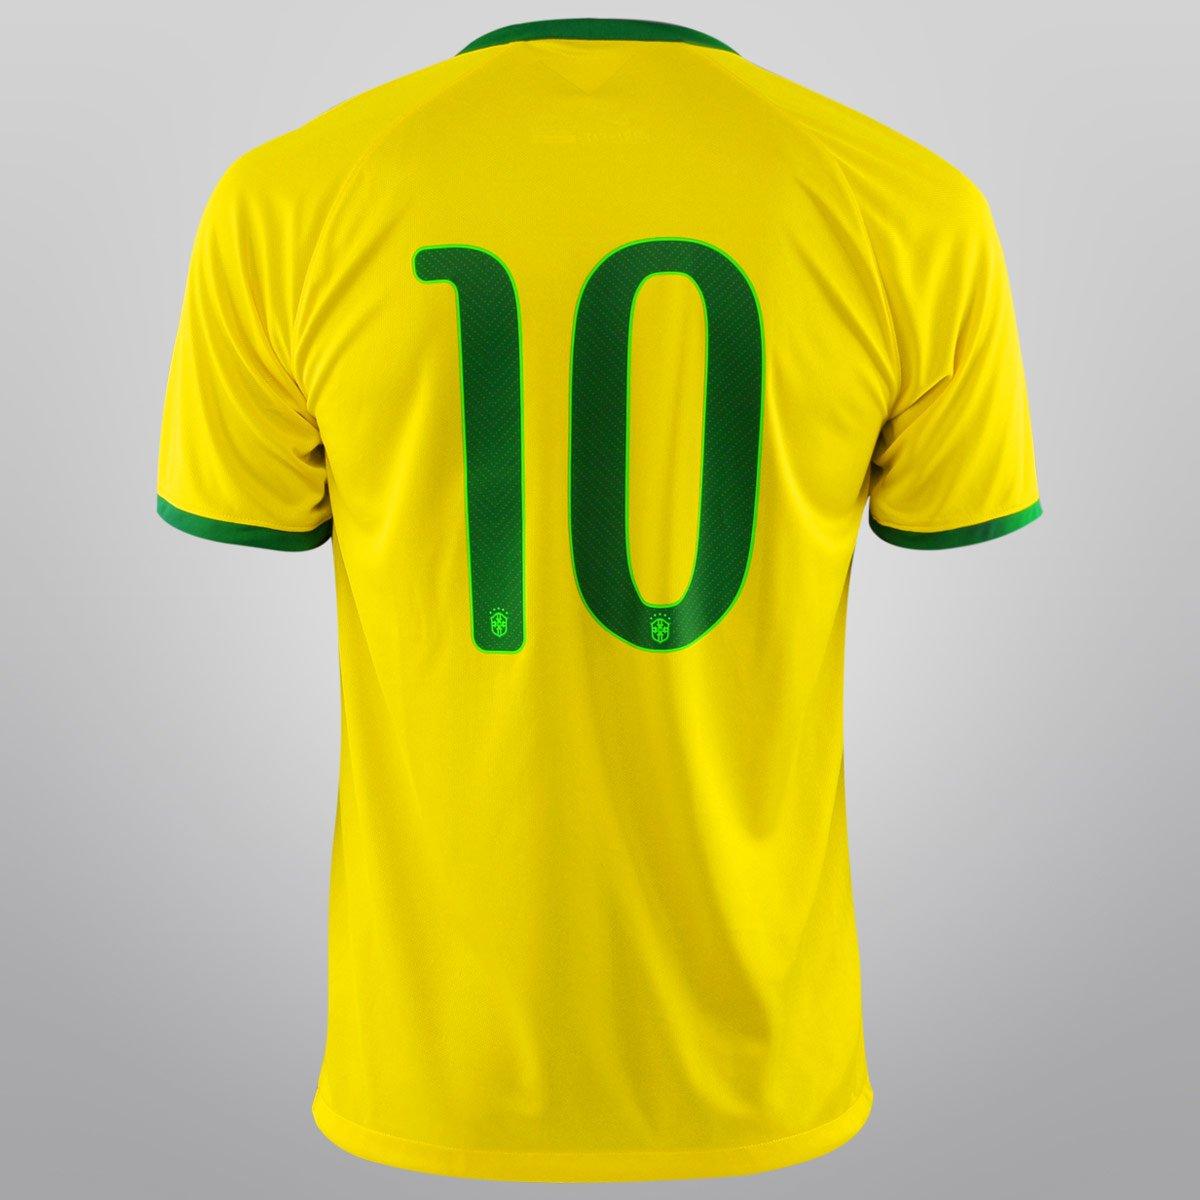 a0217cd2f Camisa Seleção Brasil I 14 15 nº 10 - Torcedor Nike Masculina - Compre  Agora